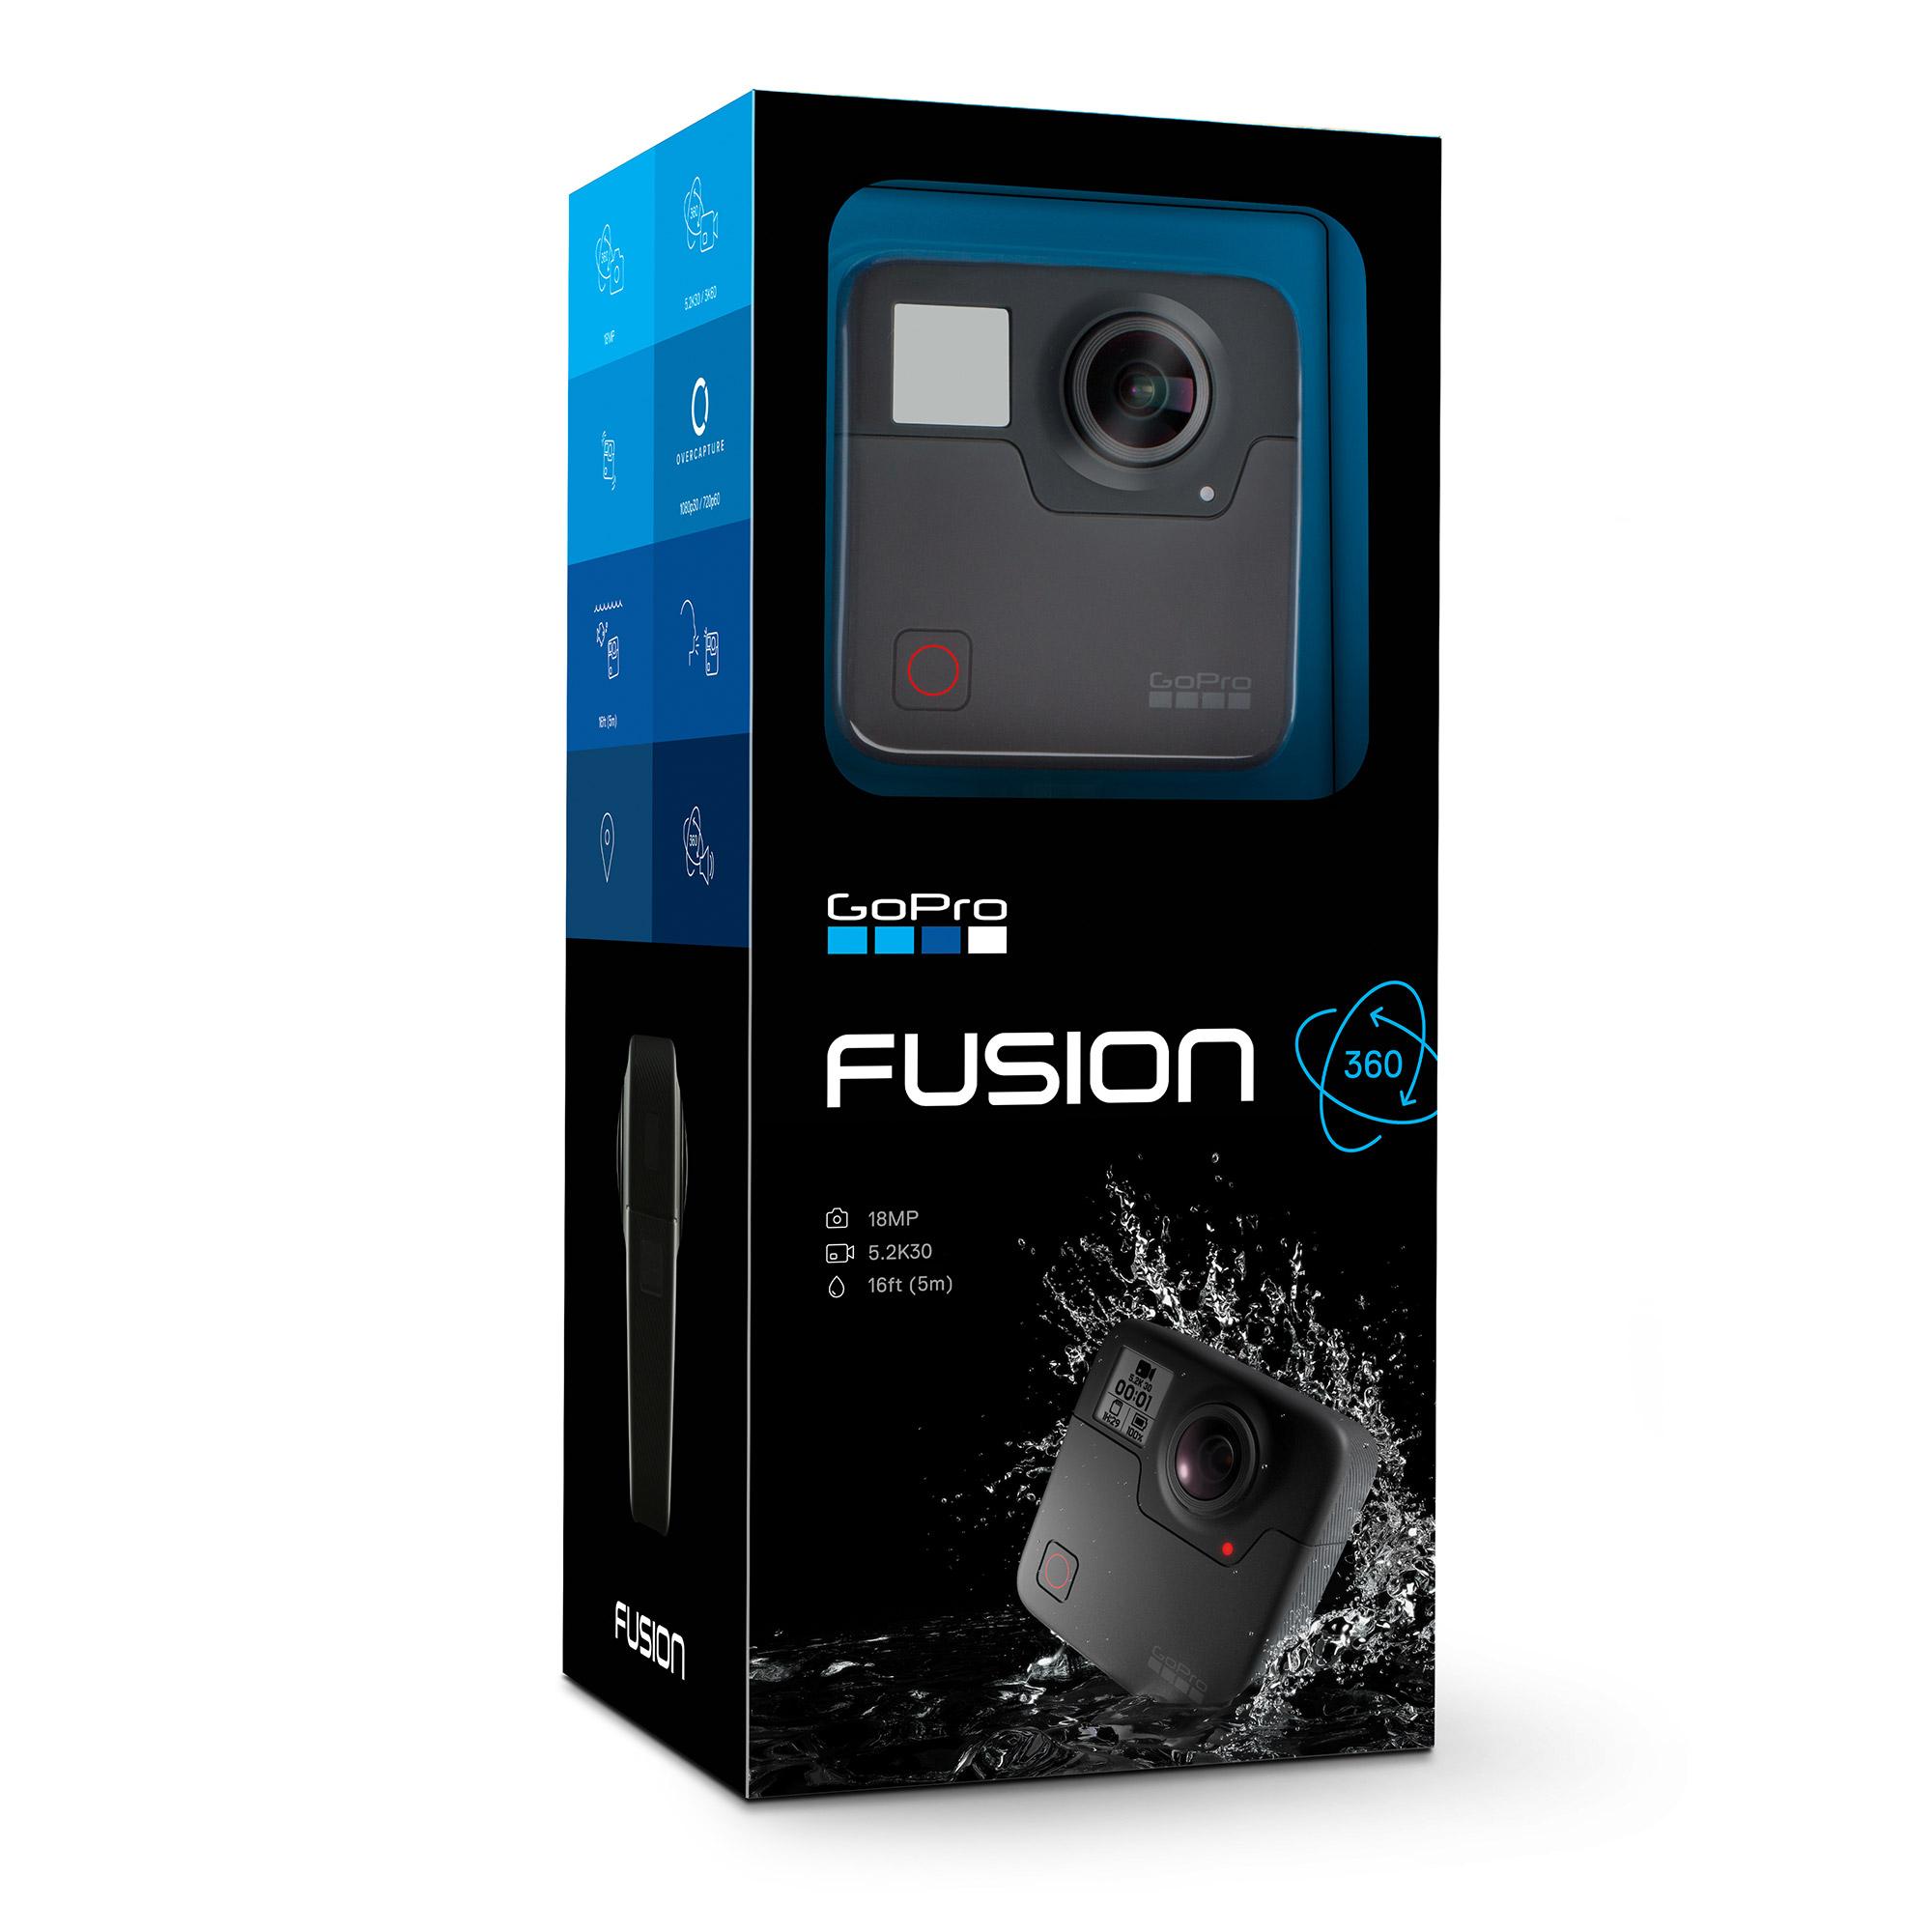 GOPRO FUSION 360° Kamera